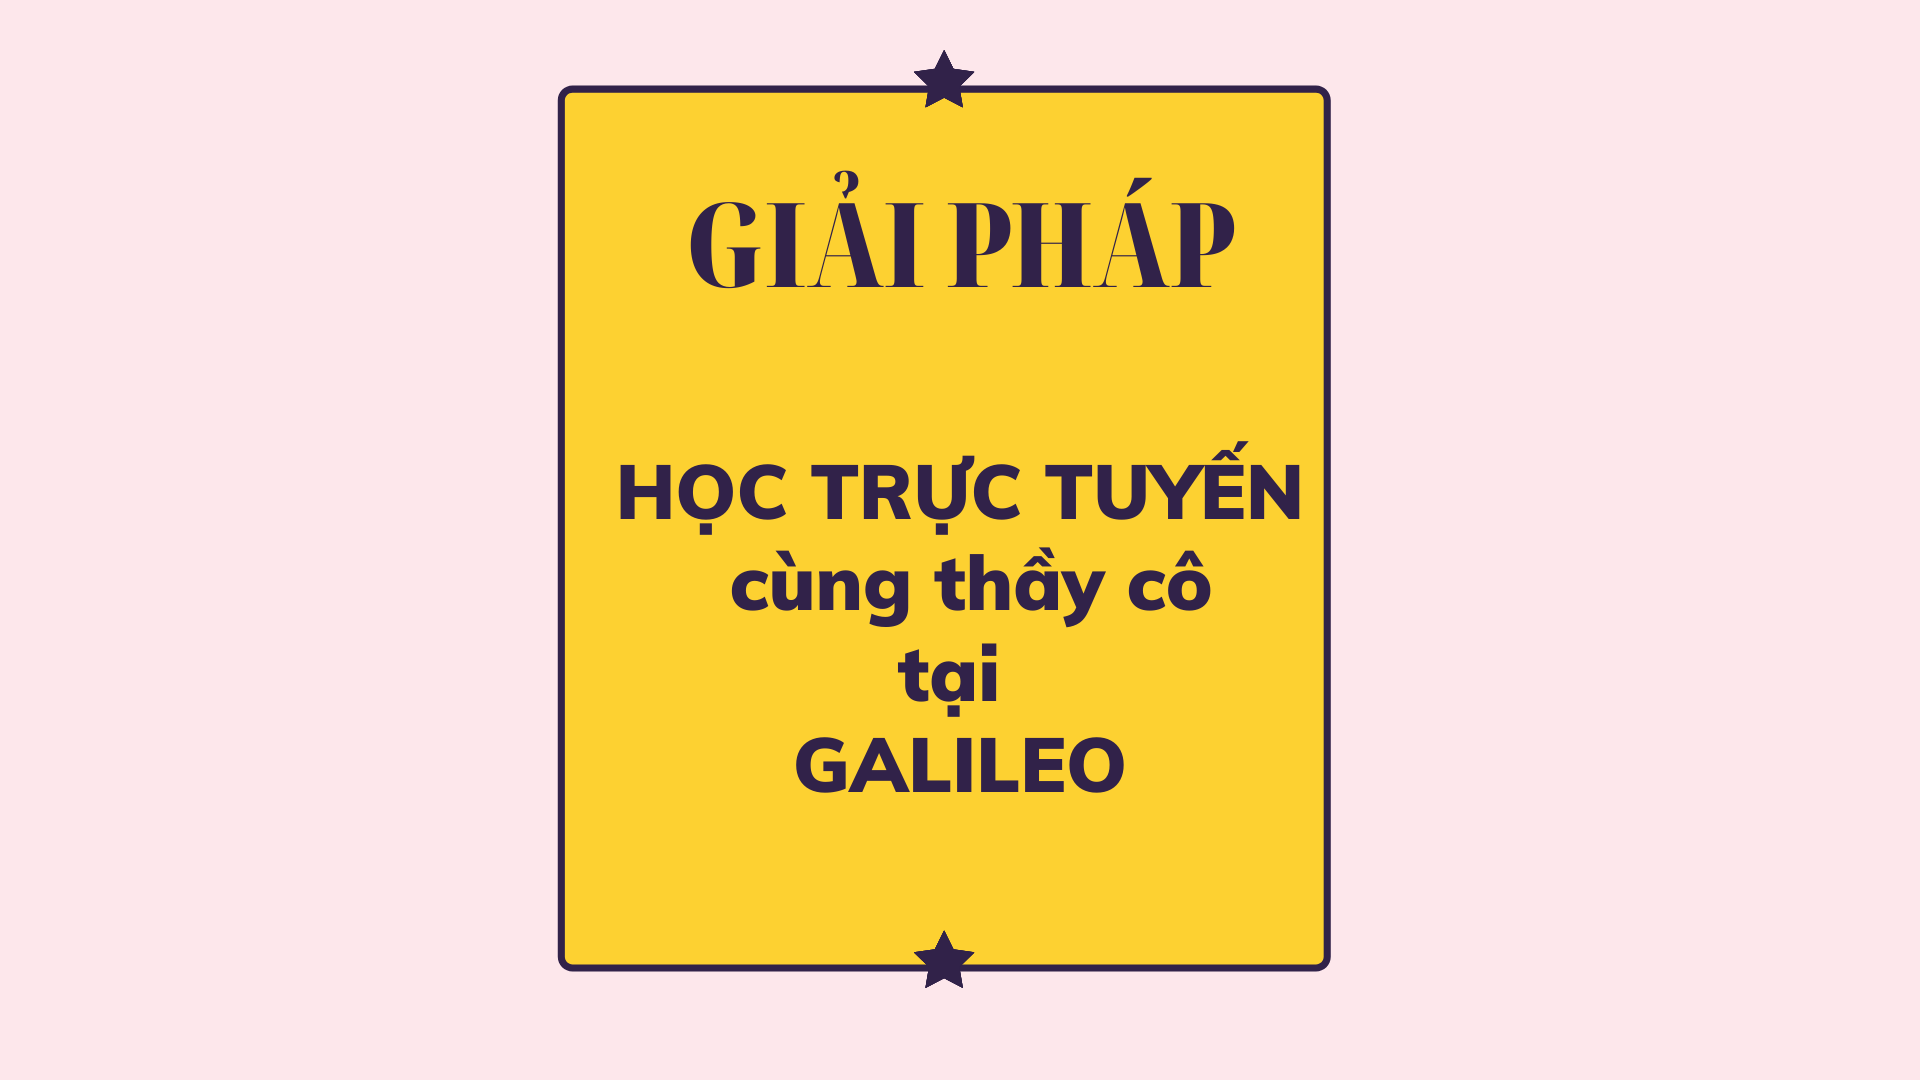 ƯU ĐIỂM HỌC TRỰC TUYẾN TẠI GALILEO